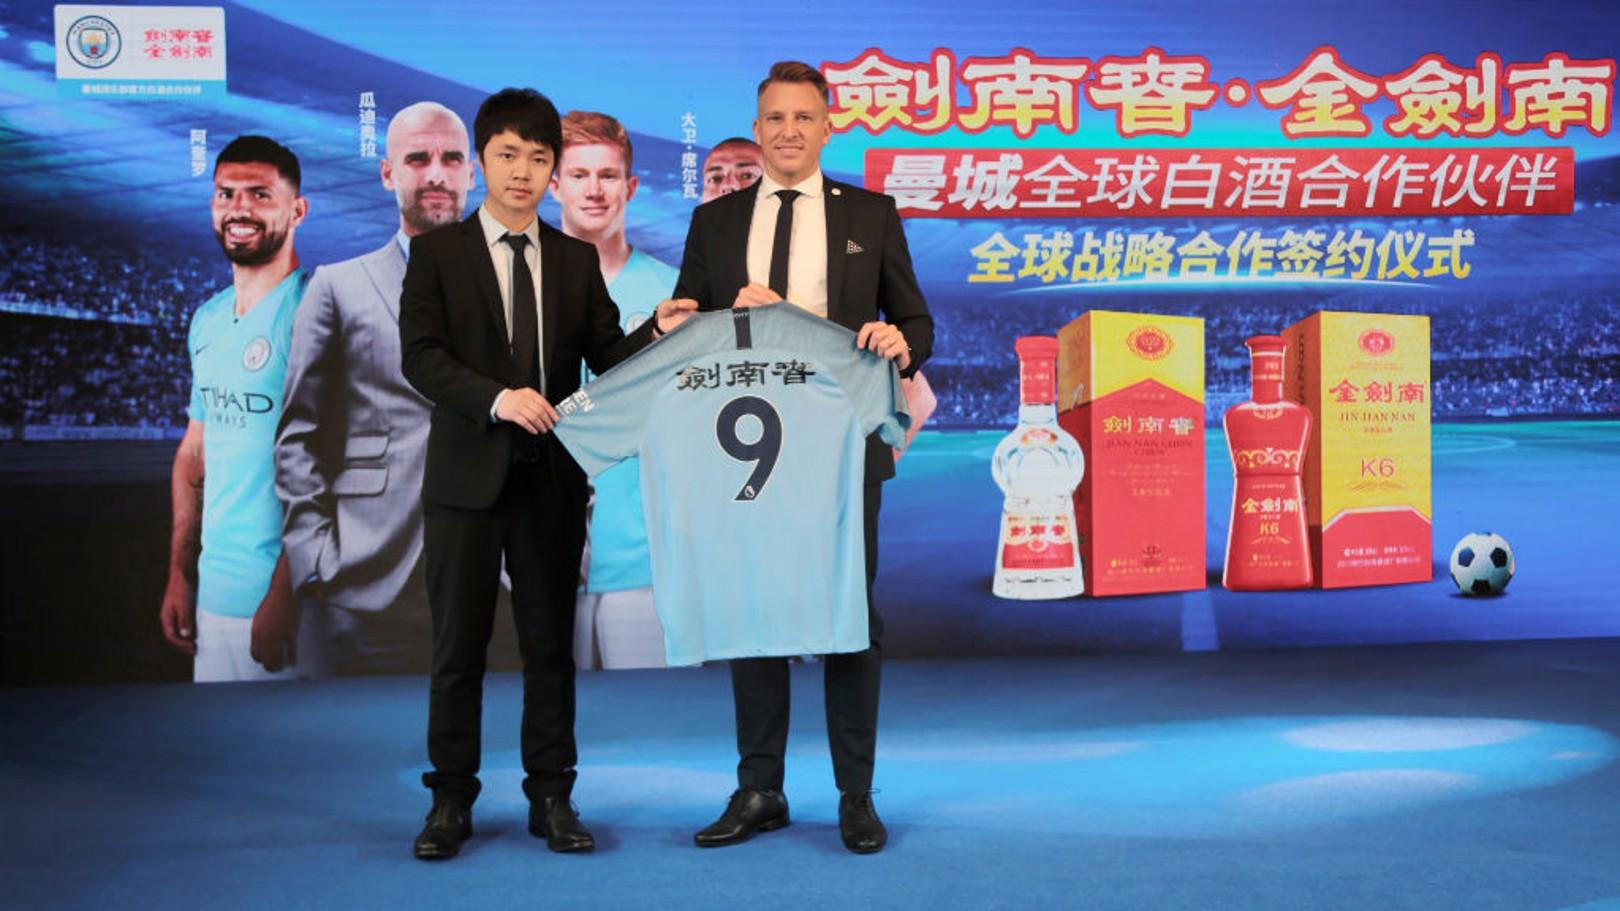 중국 바이주 브랜드 JNC와 파트너십 체결